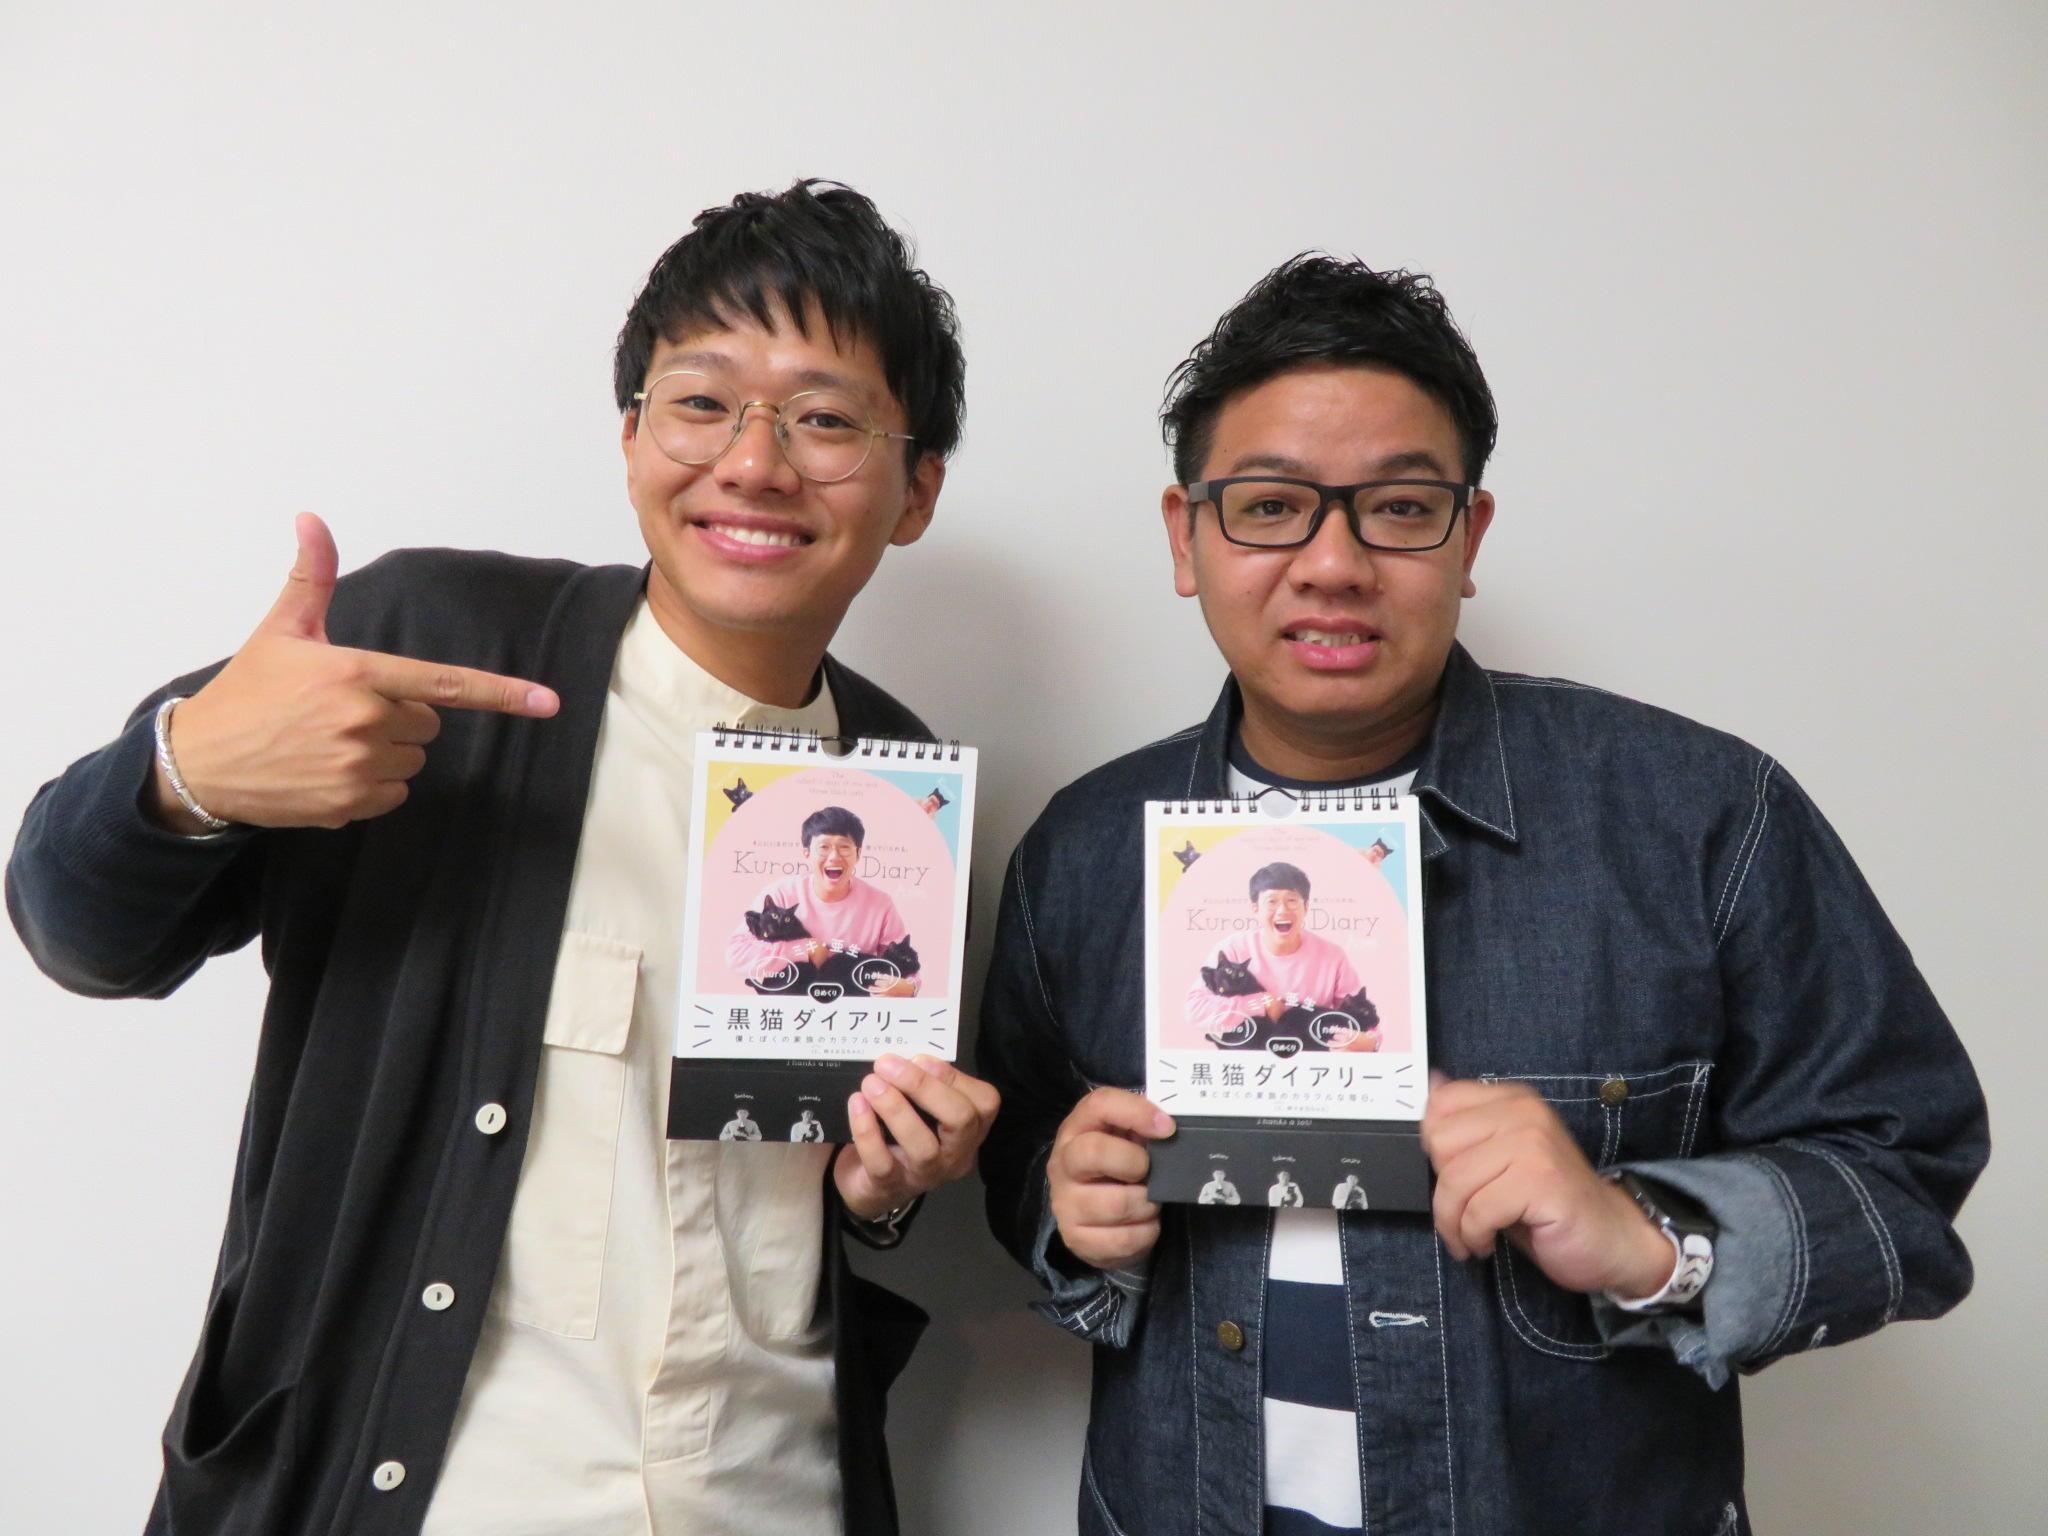 http://news.yoshimoto.co.jp/20181112211557-e9ab2cfd34979e5b6fb382cc4b0b508dc011249e.jpg